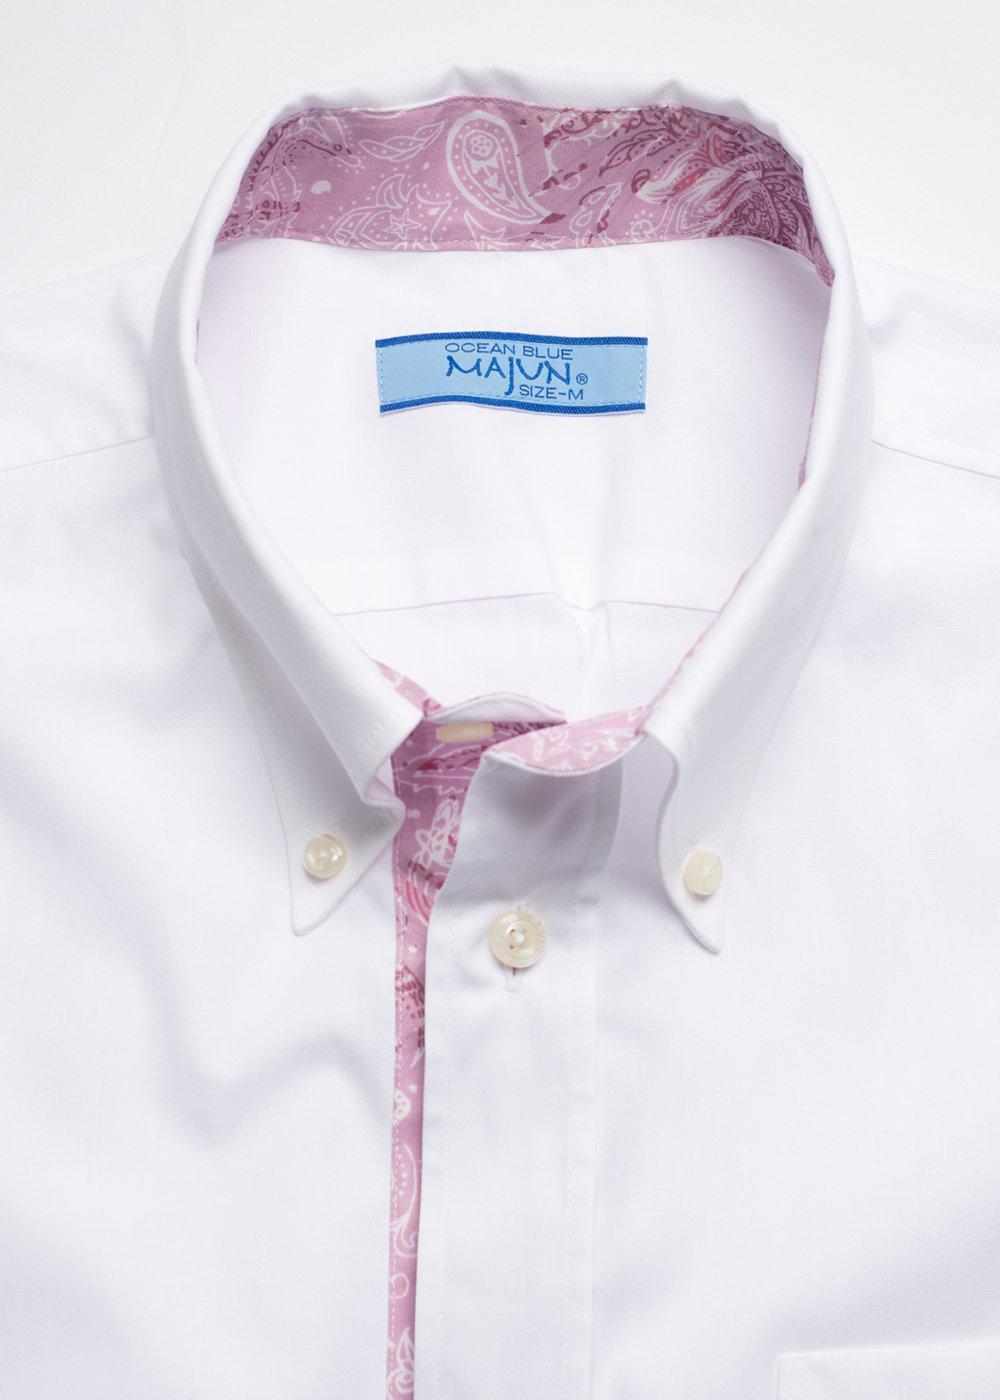 かりゆしウェア(沖縄版アロハシャツ) MAJUN - ココナッツペイズリー L/S